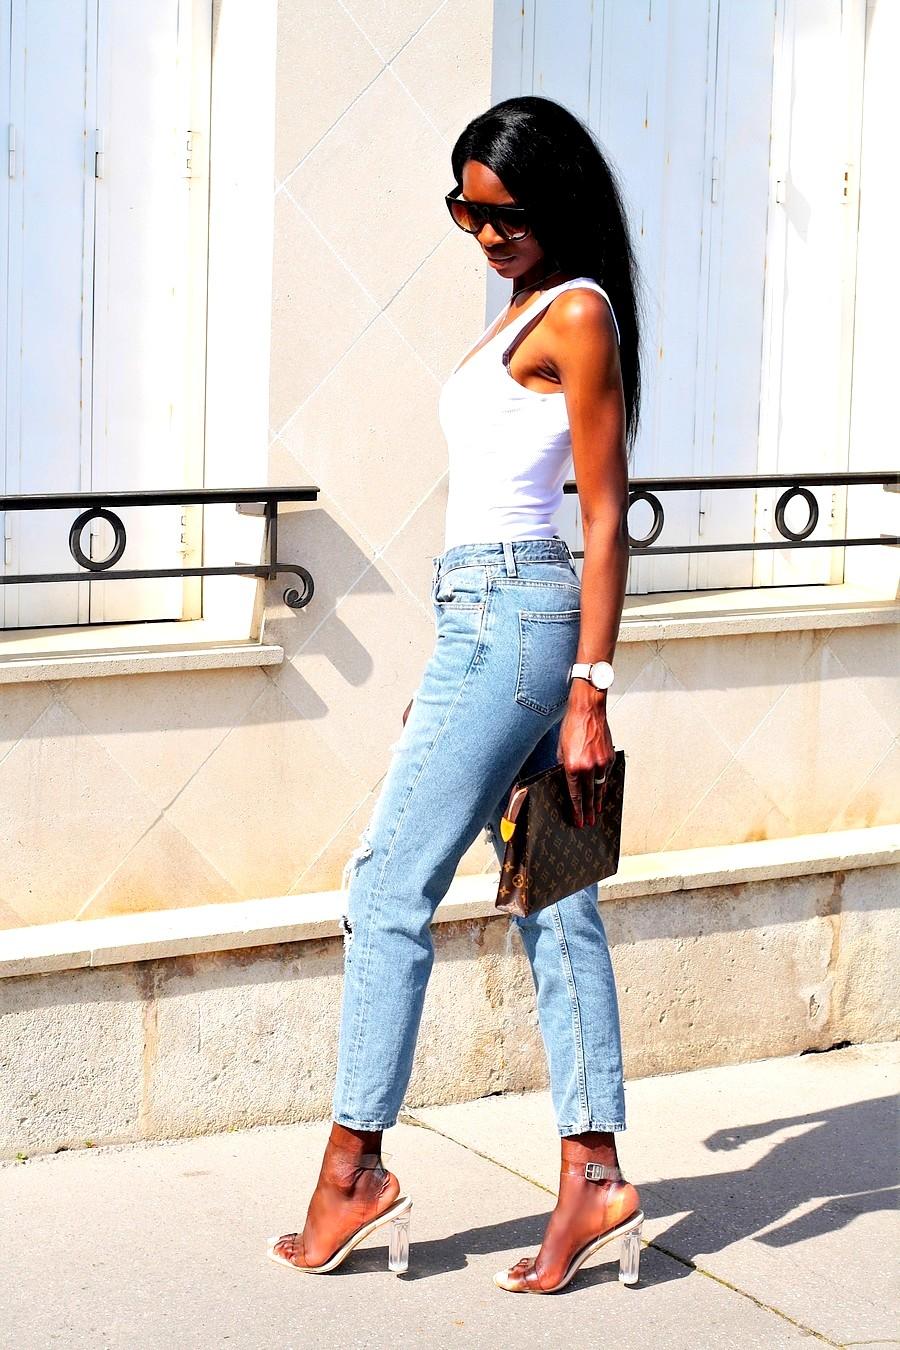 comment-porter-tendance-chaussures-transparentes